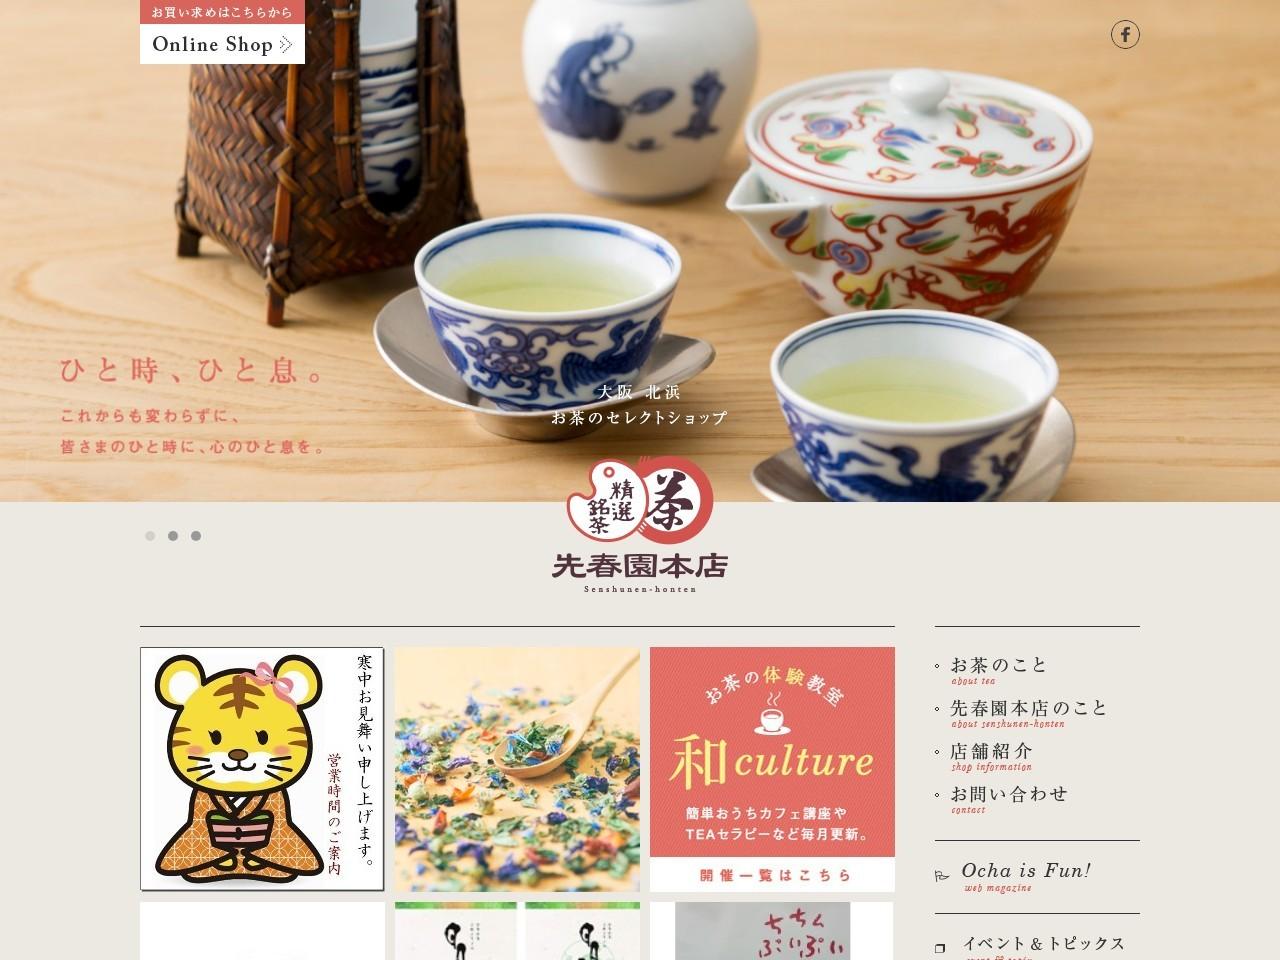 お茶のセレクトショップ 大阪北浜で創業160年 先春園本店